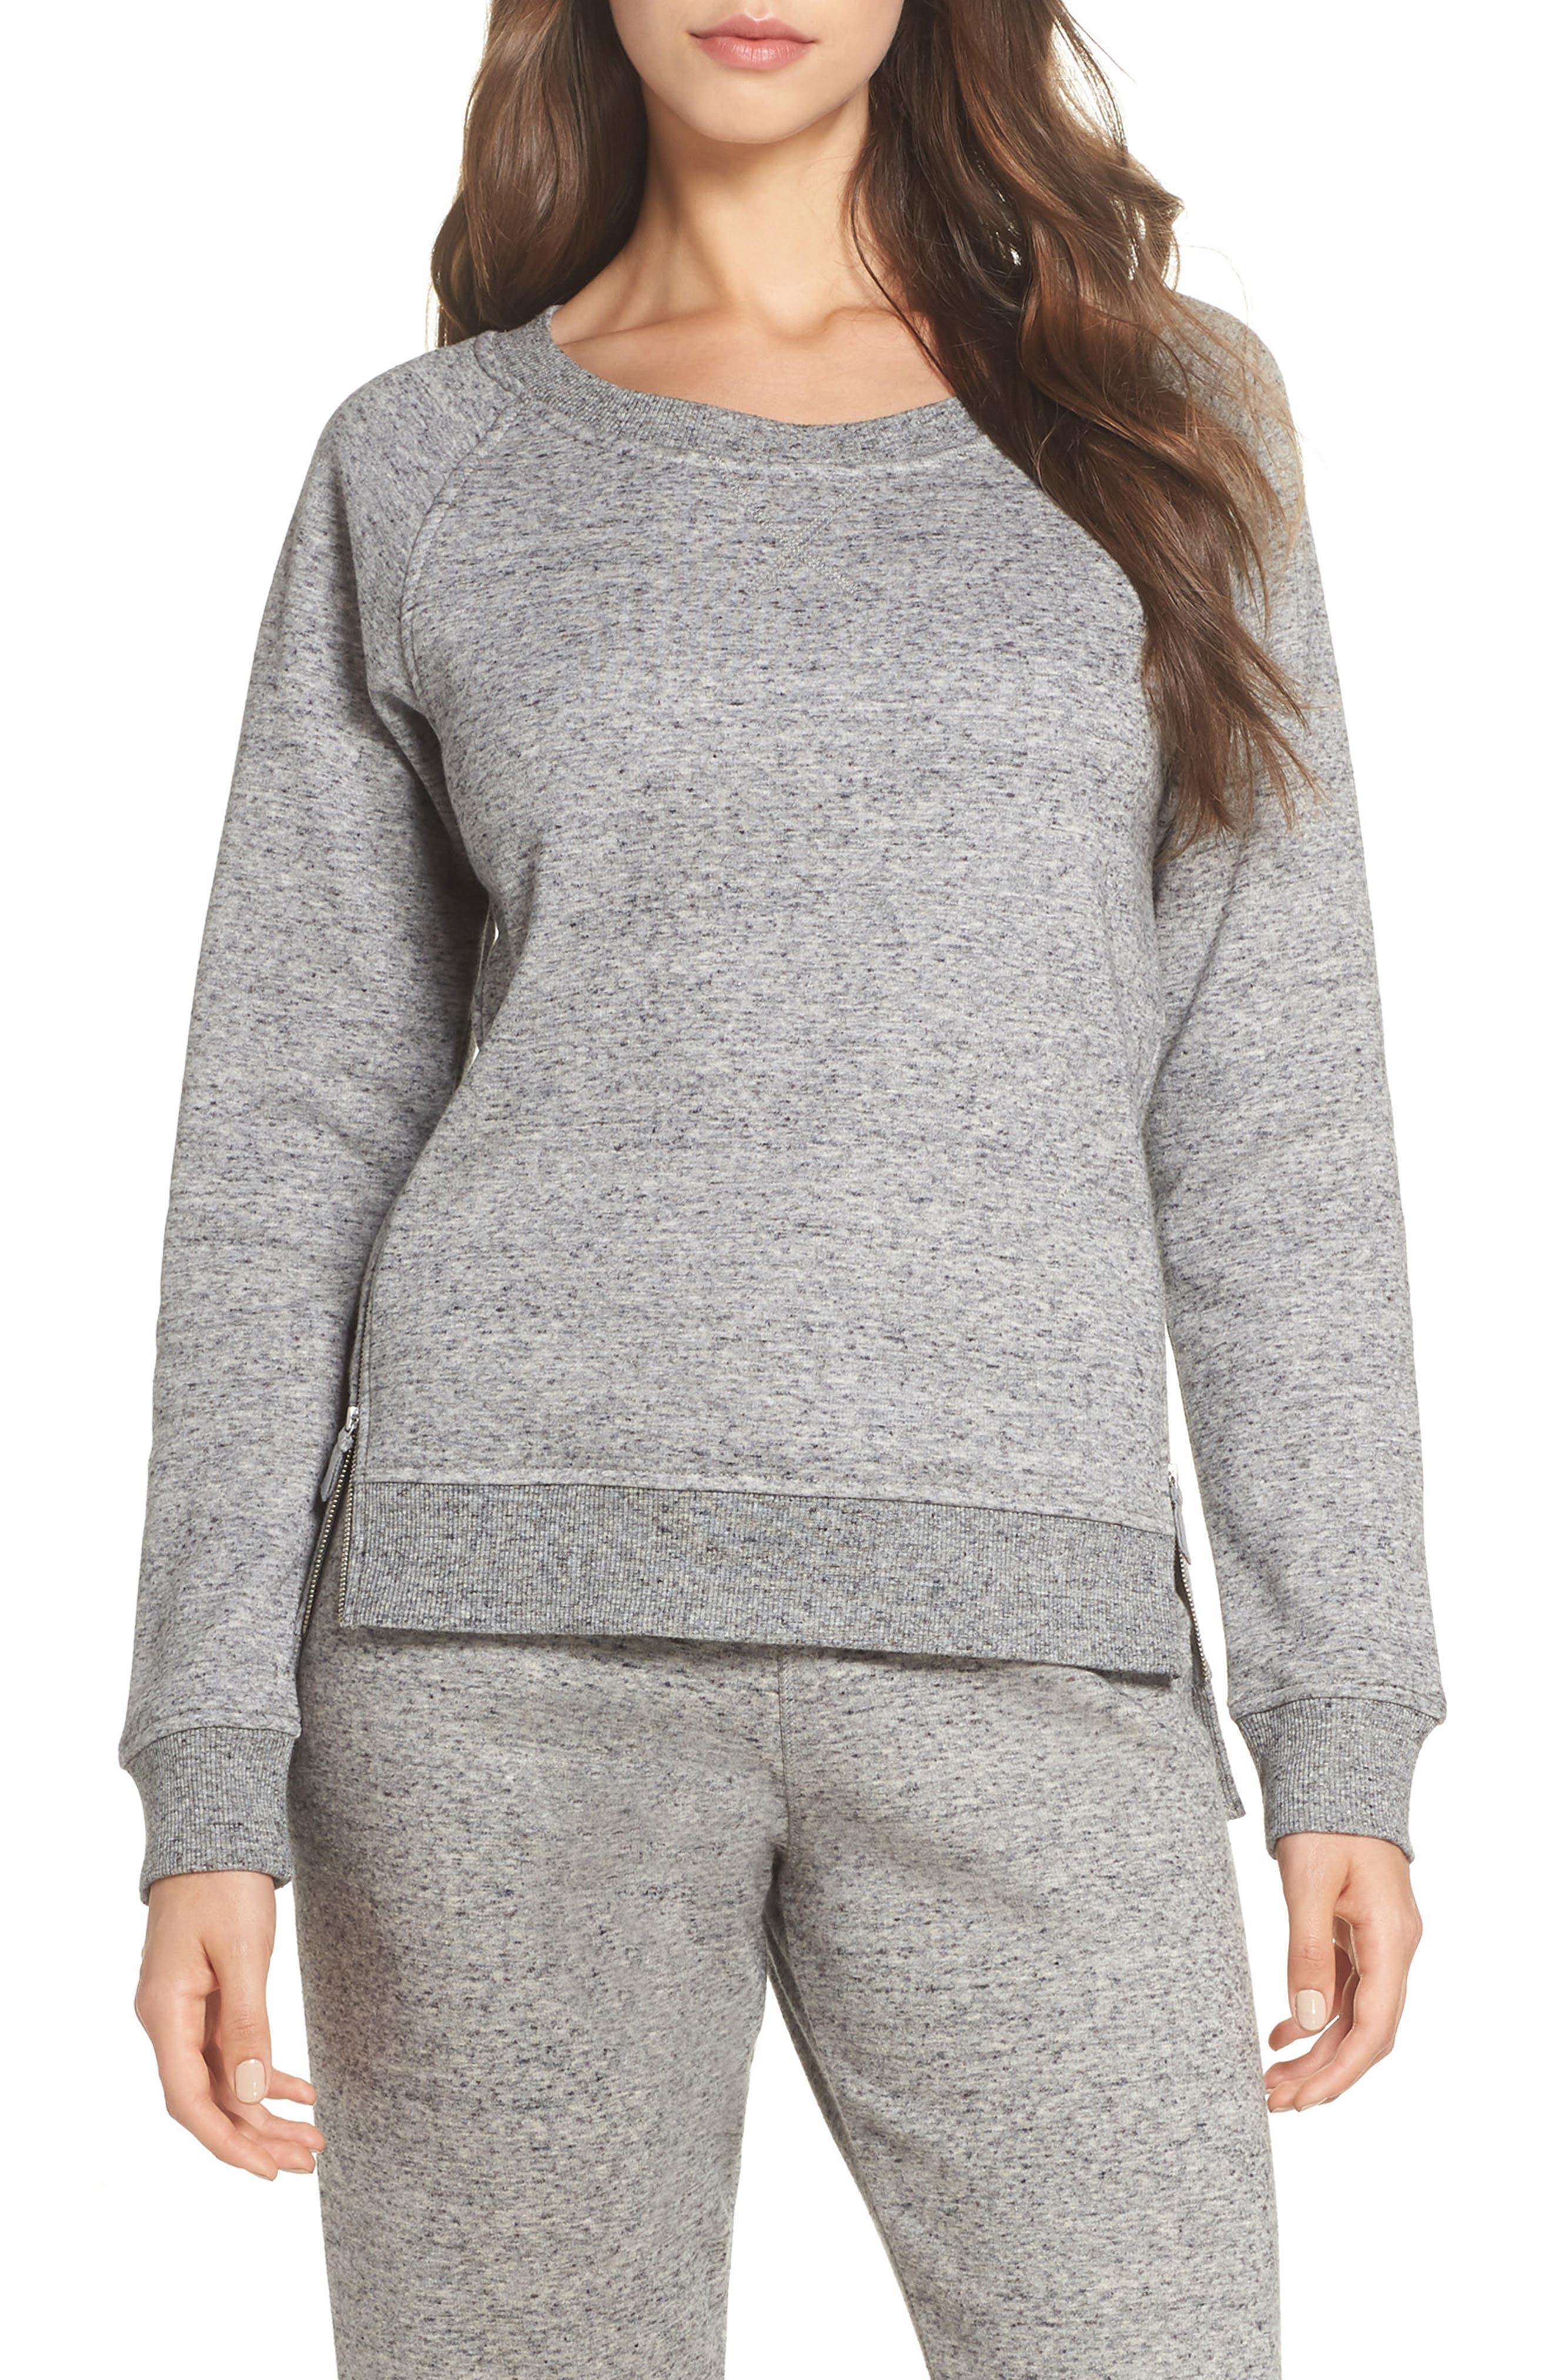 Morgan Sweatshirt,                         Main,                         color, GREY HEATHER